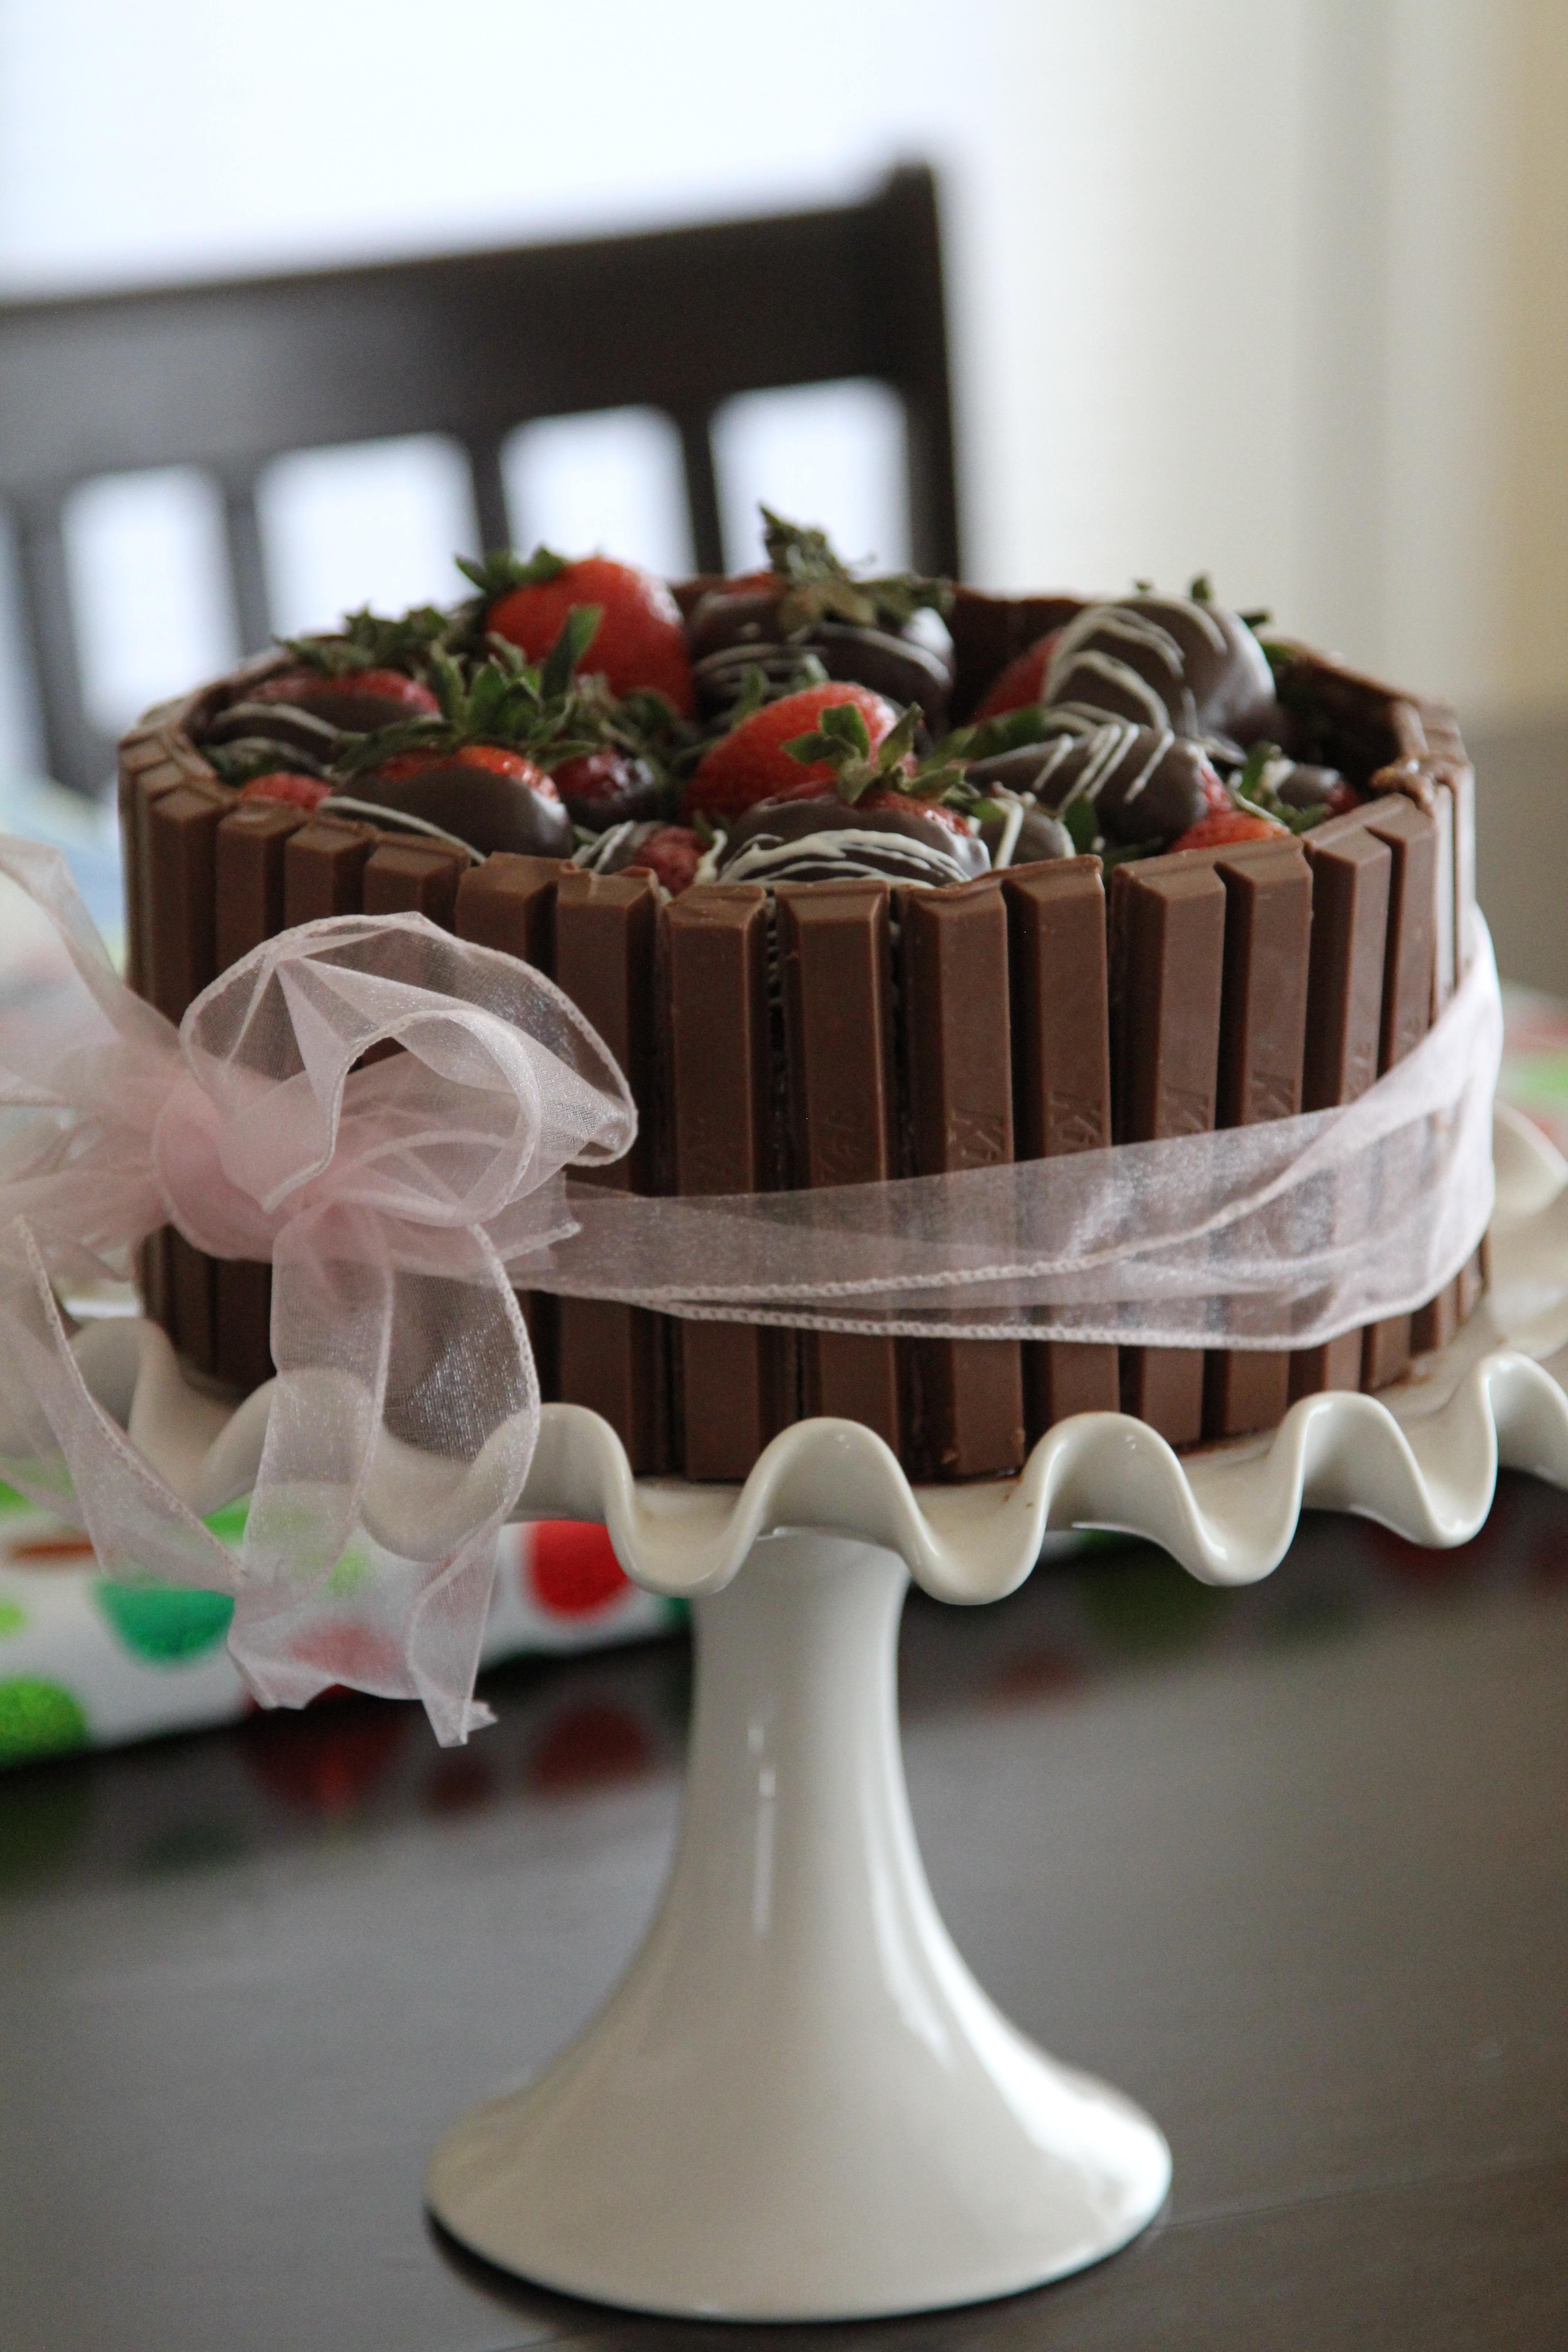 dulce celebracion comida chocolate postre boda pastel azcar formacin de hielo cumpleaos pastel de boda crema